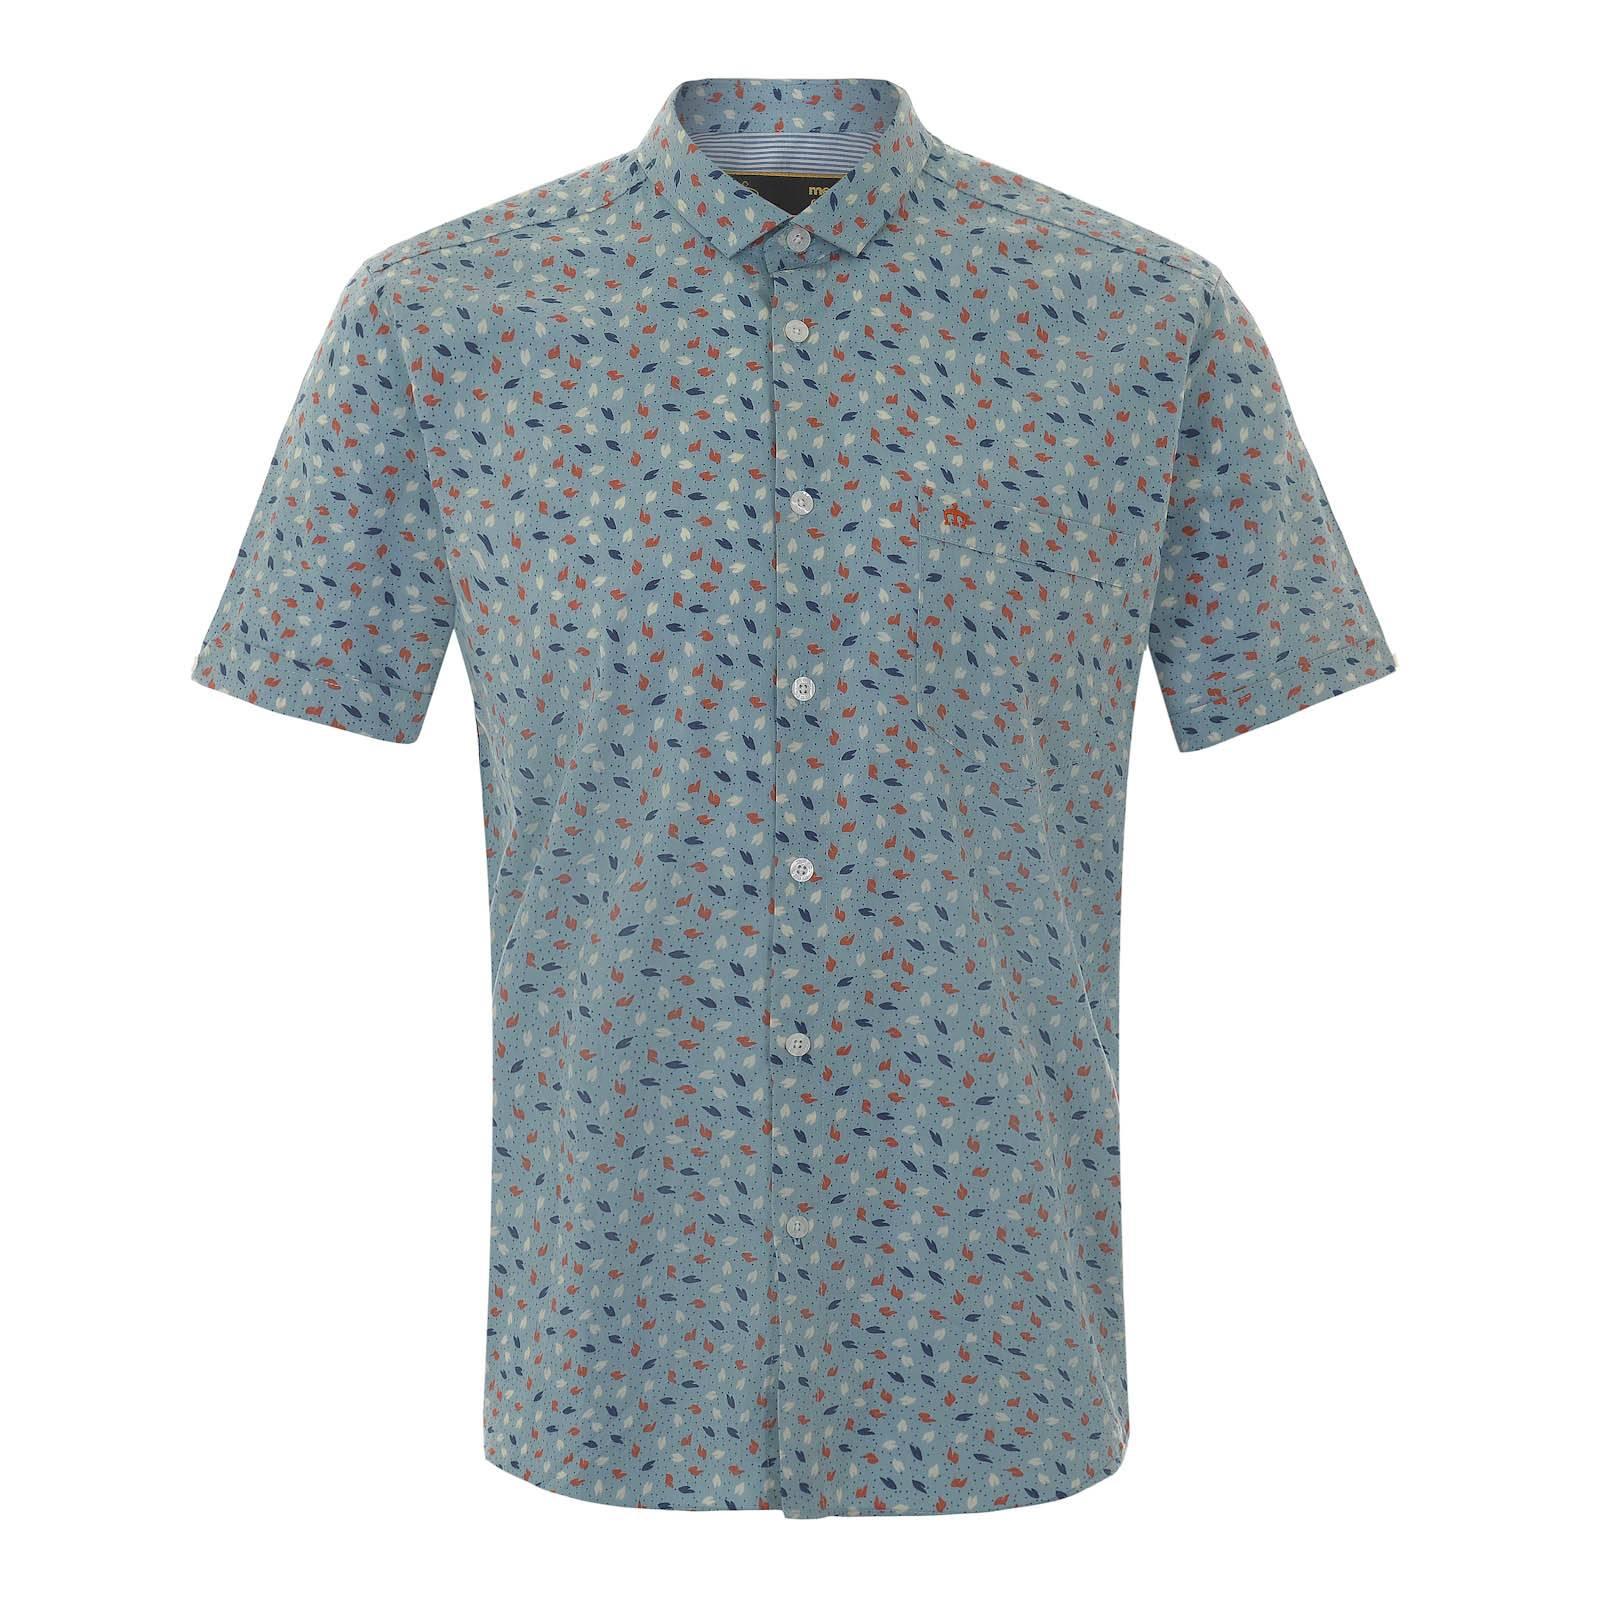 Рубашка OrmondС коротким рукавом<br>Приталенная мужская рубашка с насыщенным узором из разноцветных листьев, символизирующим пестроту красок весеннее-летнего сезона. Произведенная из традиционной рубашечной ткани поплин, эта сорочка отлично впишется в расслабленную атмосферу выходного дня за коктейлем на открытой веранде, в то же время придавая непринужденному луку элегантный и ухоженный вид. Брендирована фирменным логотипом Корона, вышитым на незаметном нагрудном кармане слева.<br><br>Артикул: 1515105<br>Материал: 100% хлопок<br>Цвет: голубой<br>Пол: Мужской